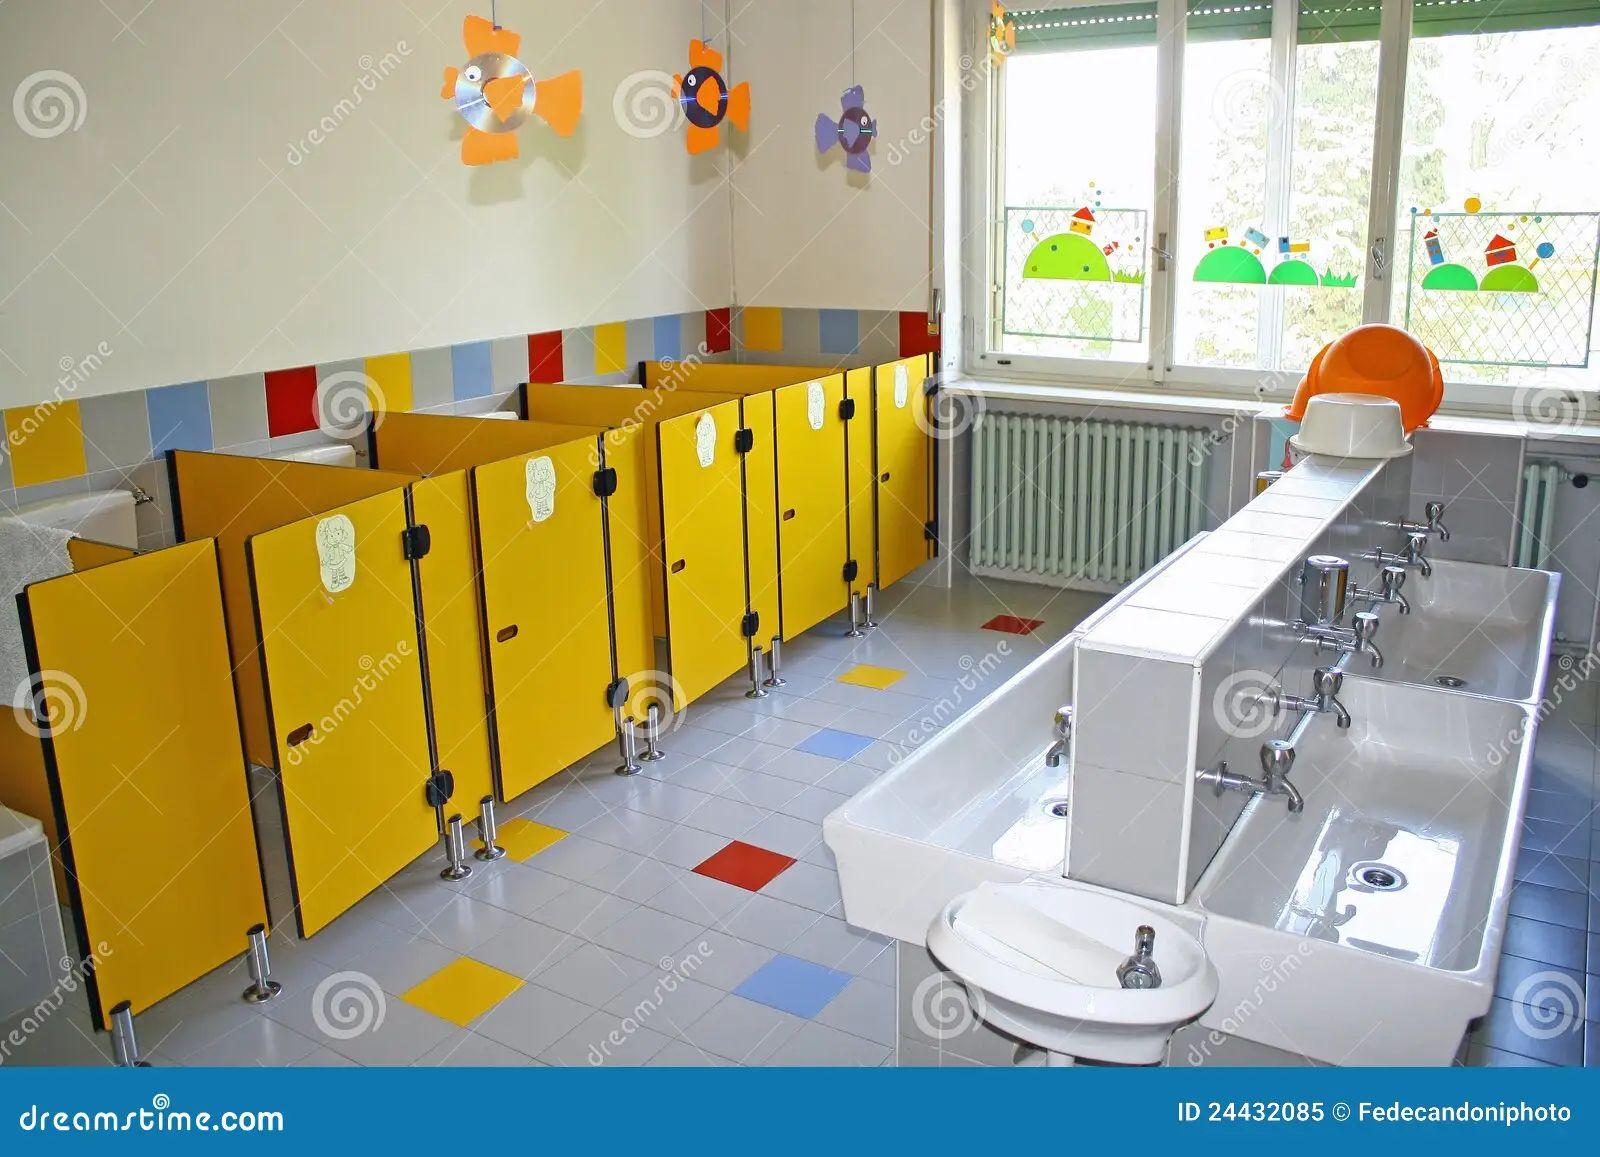 Similiar preschool bathroom stall keywords